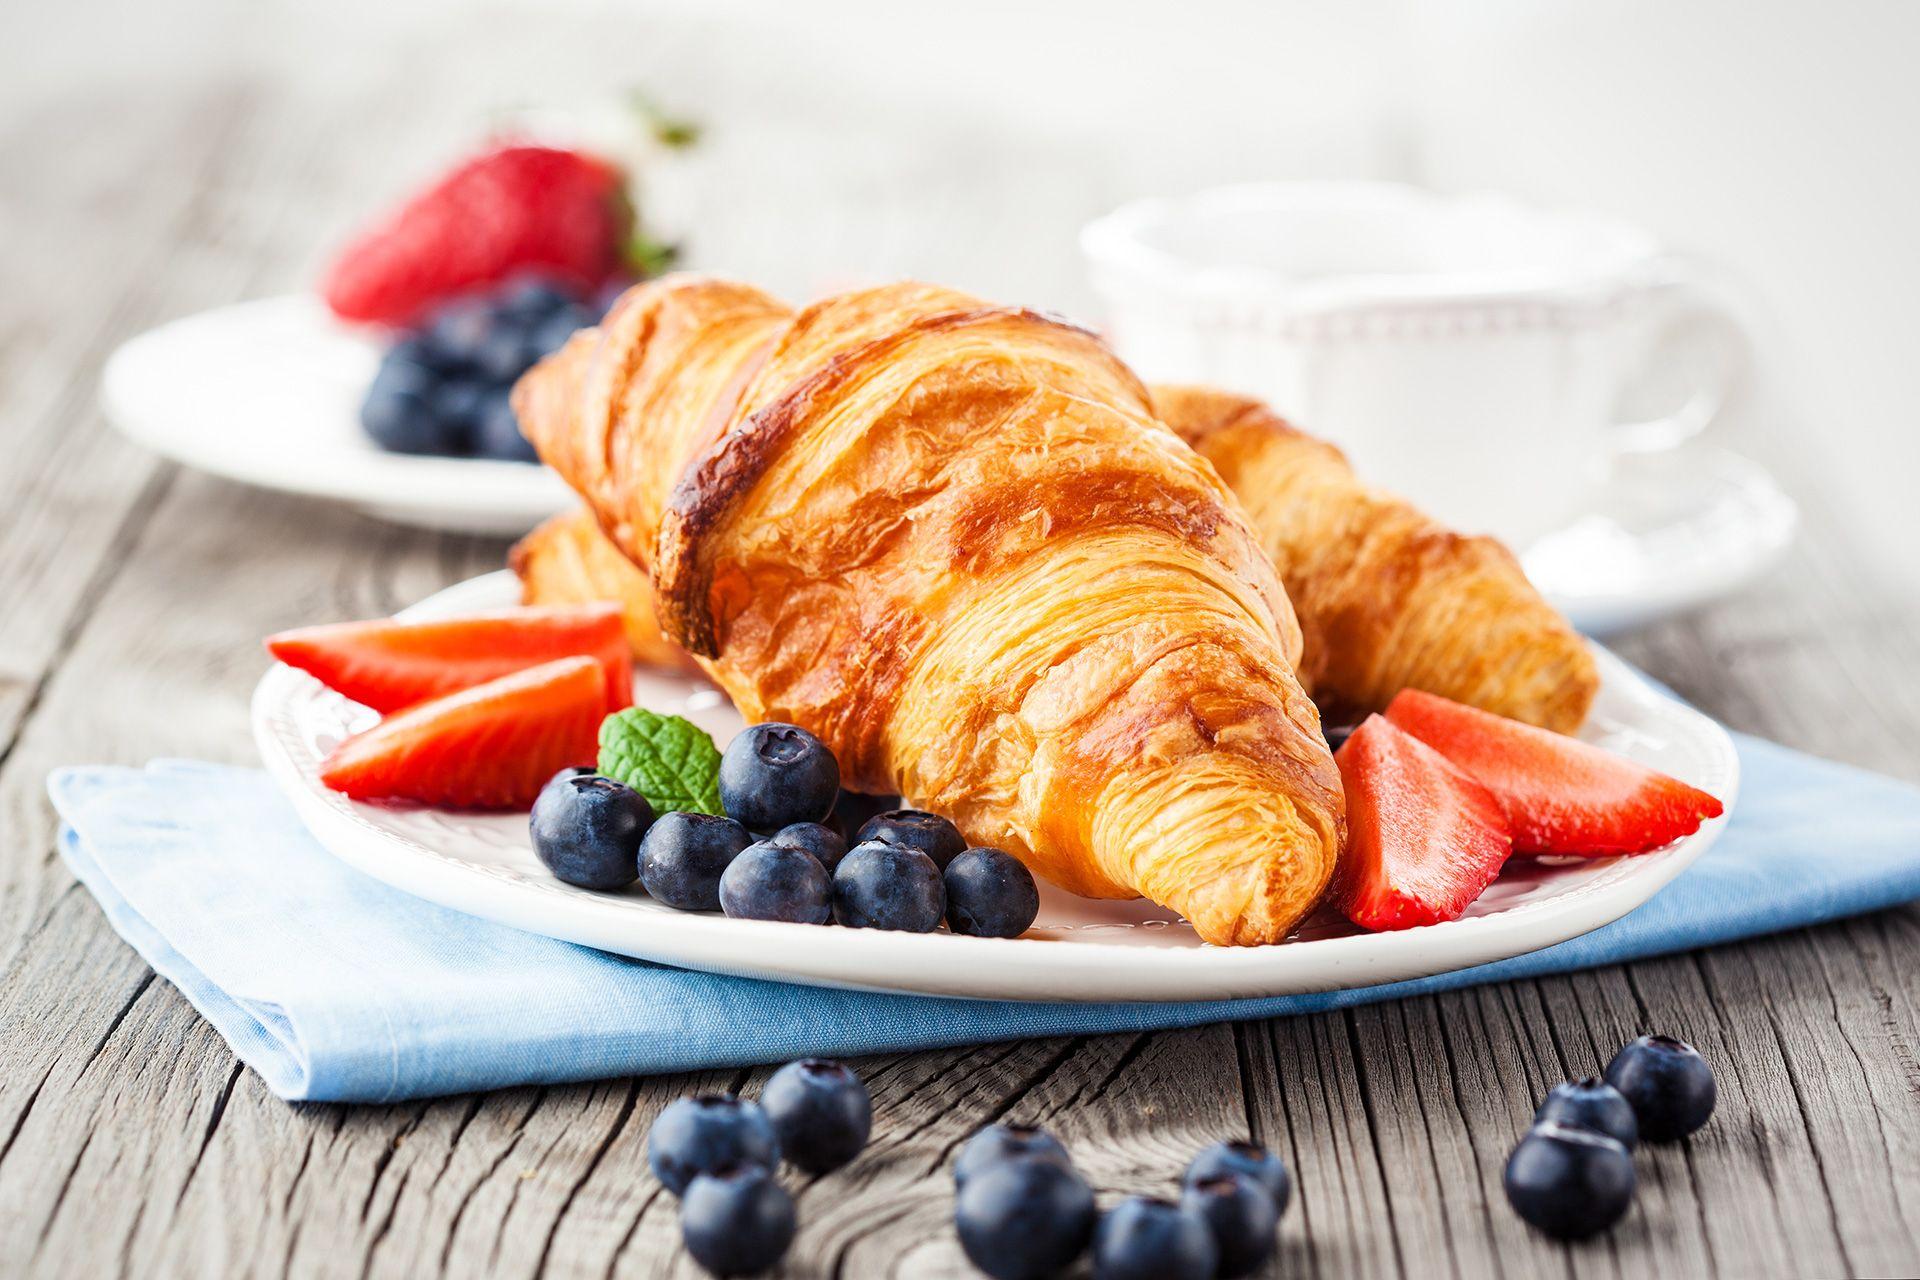 Gewinnspiel - Frühstücksgutschein für 2 Personen